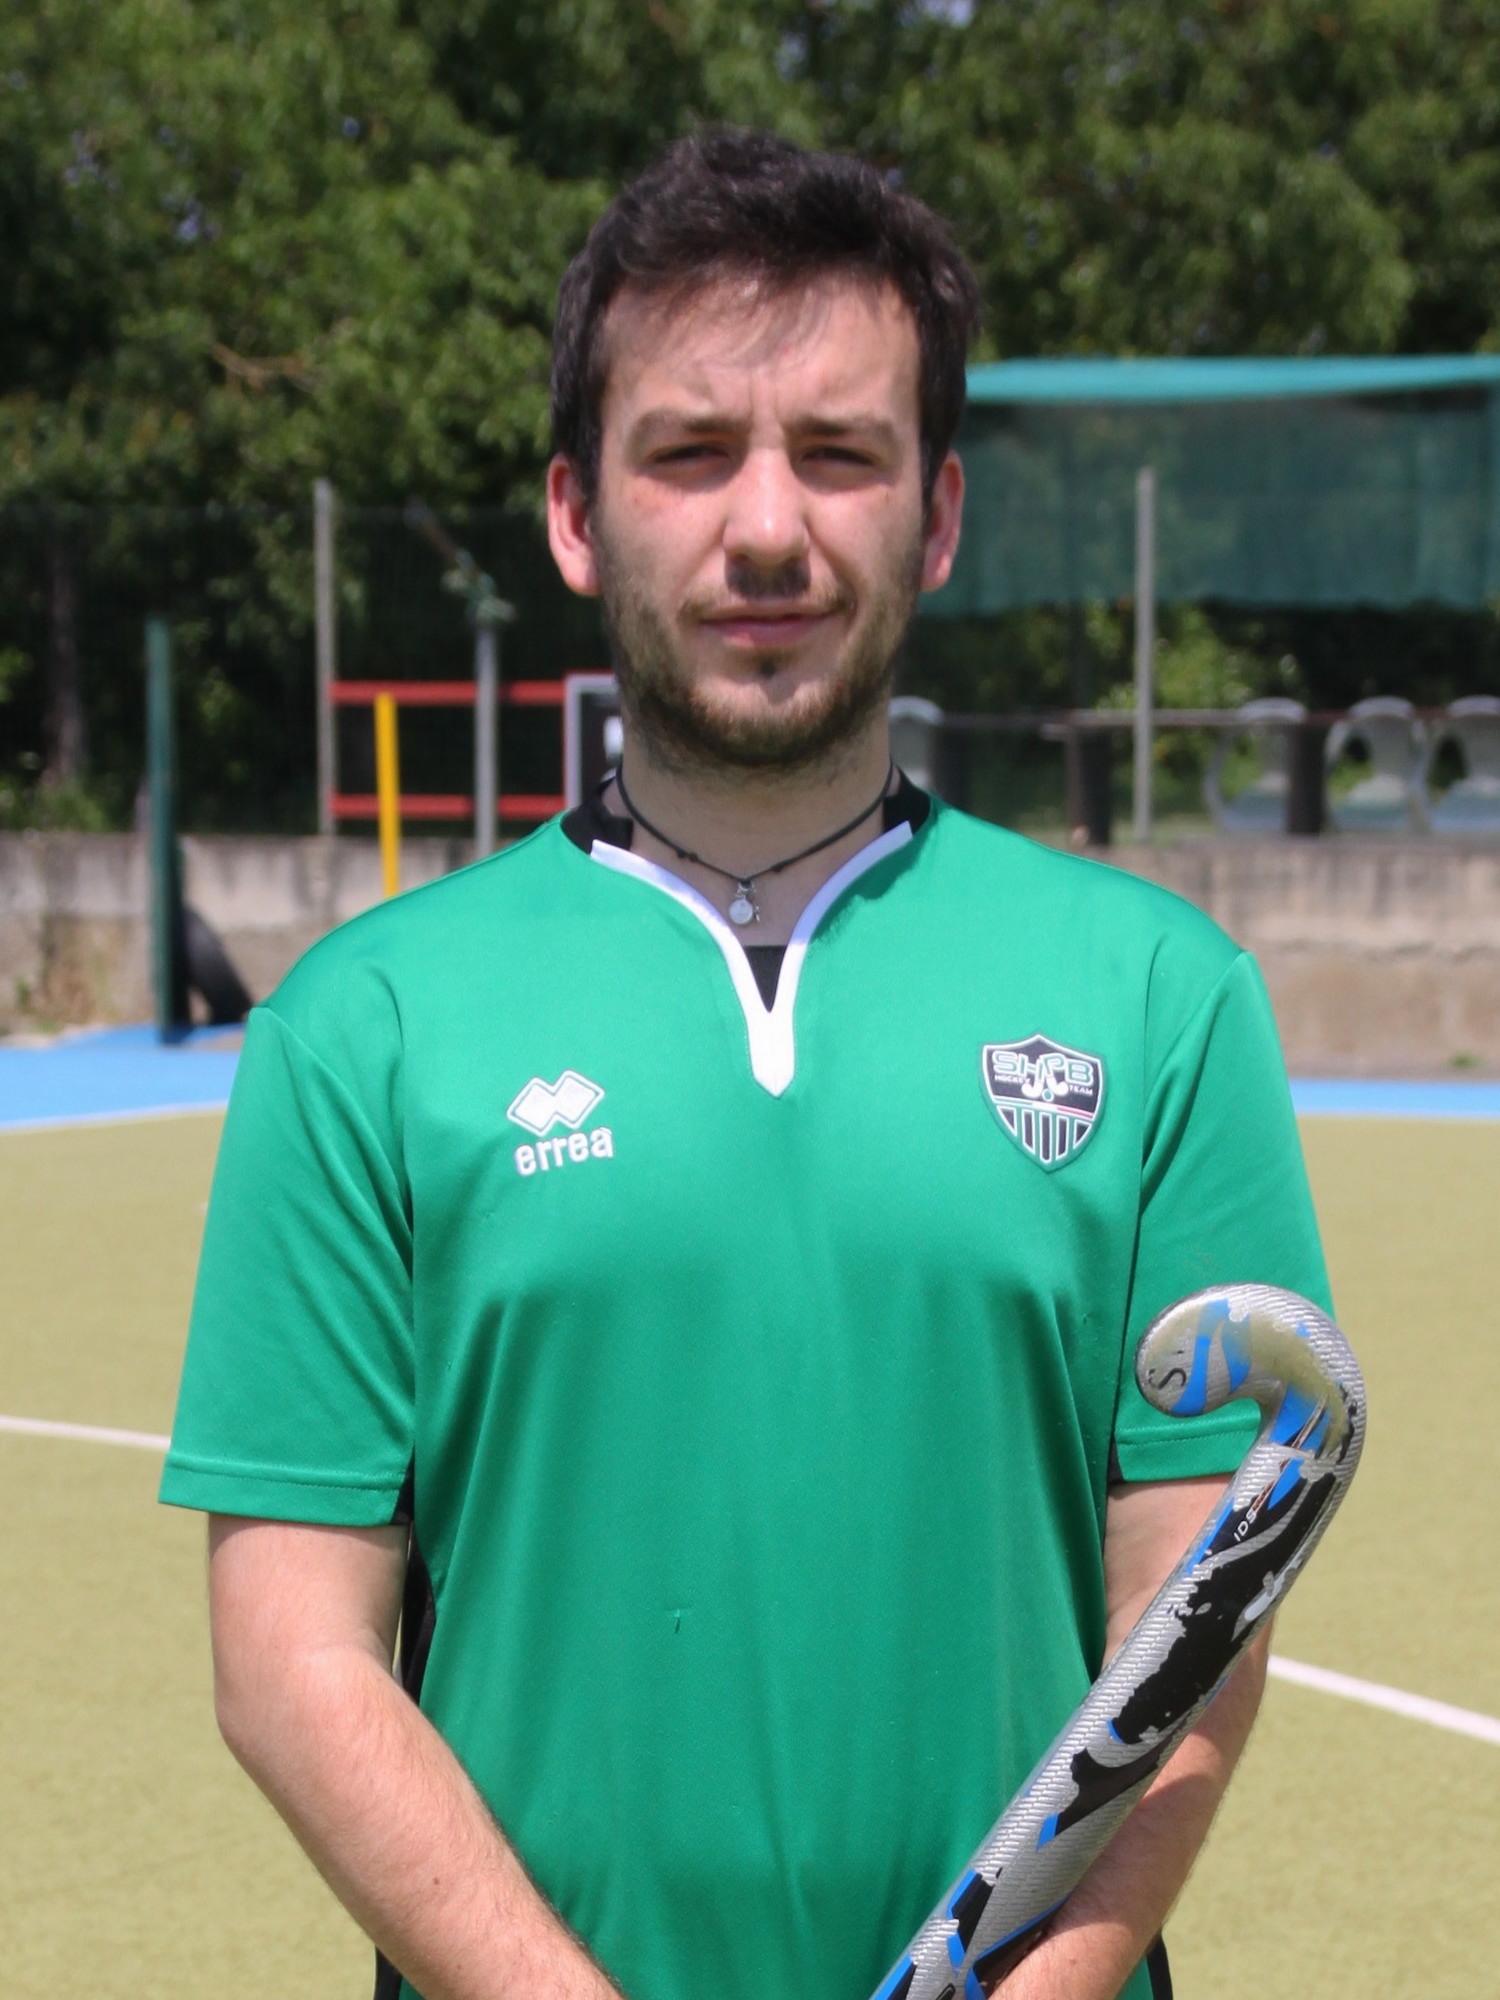 Fabio Cavallini